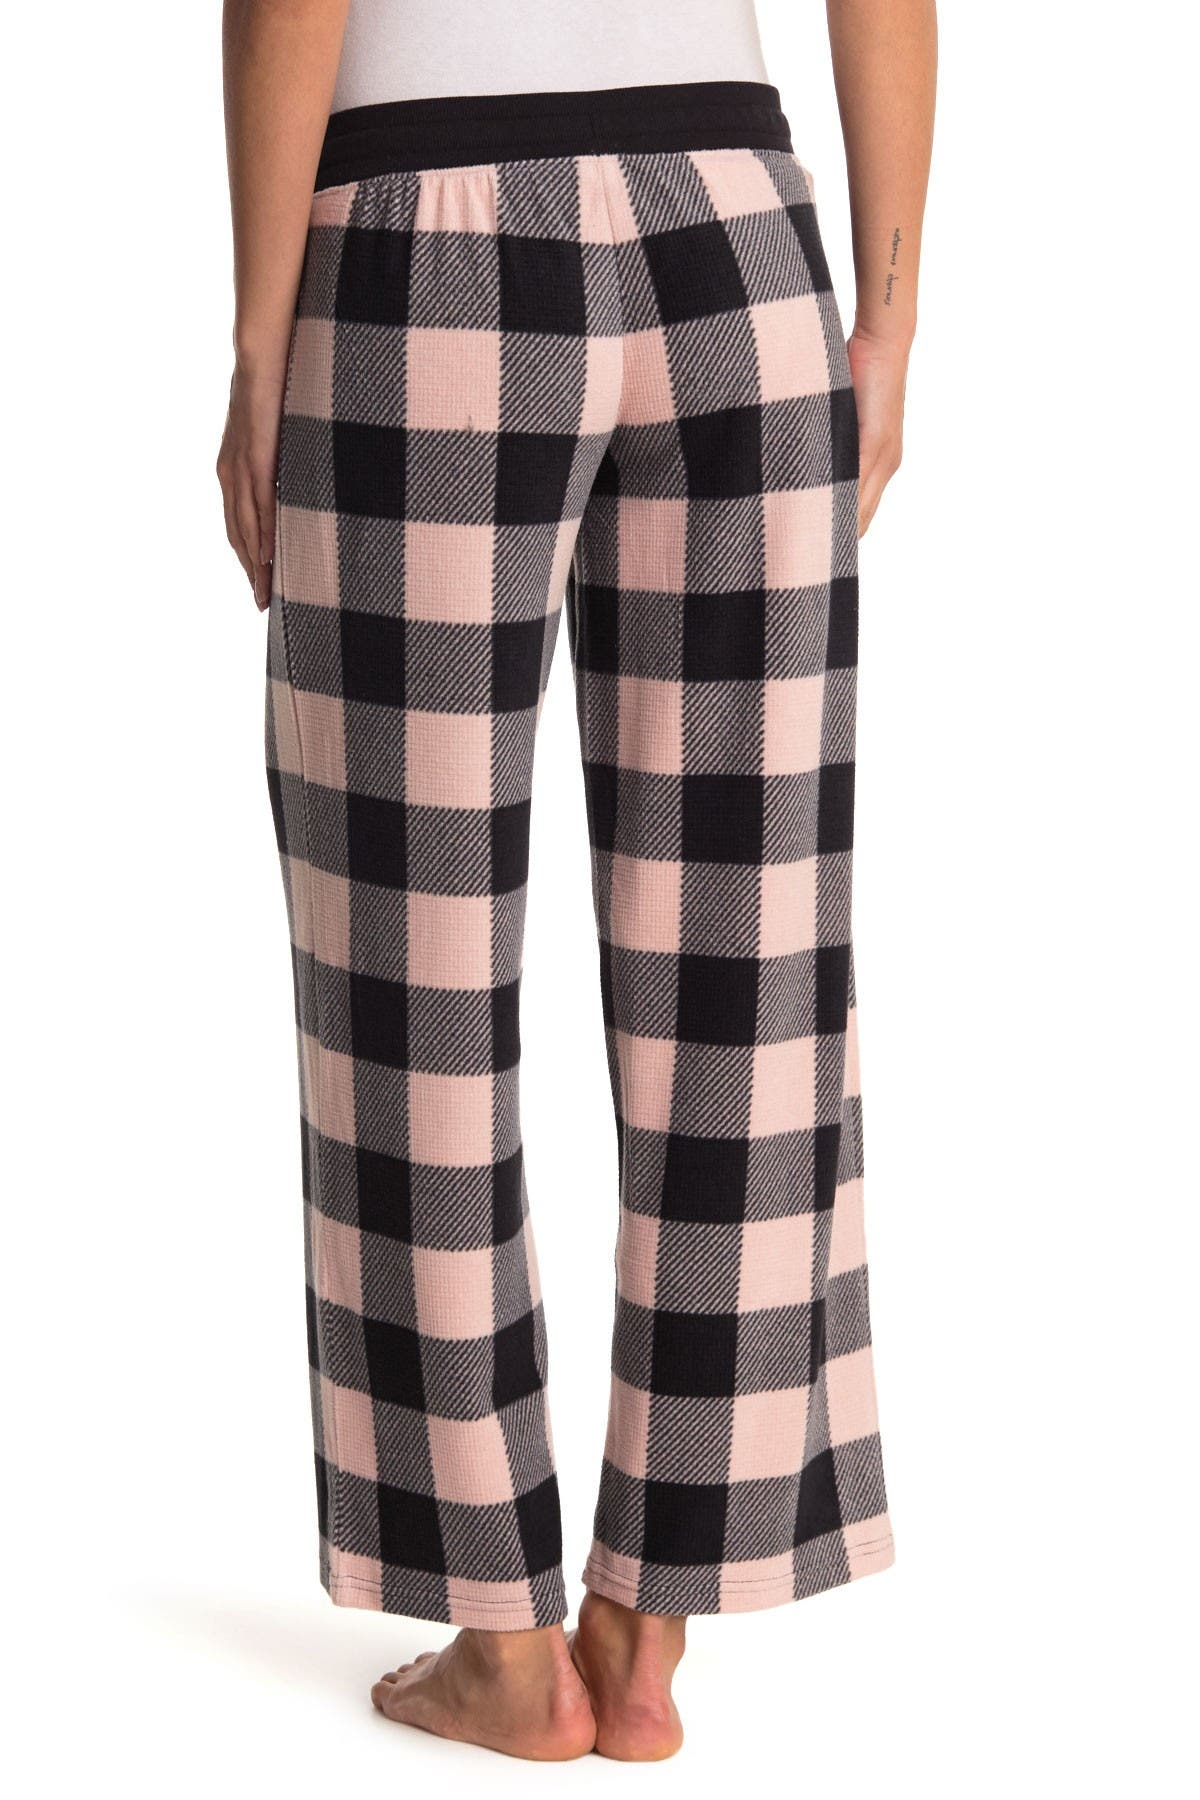 Free Press Waffle Microfleece Patterned Pajama Pants